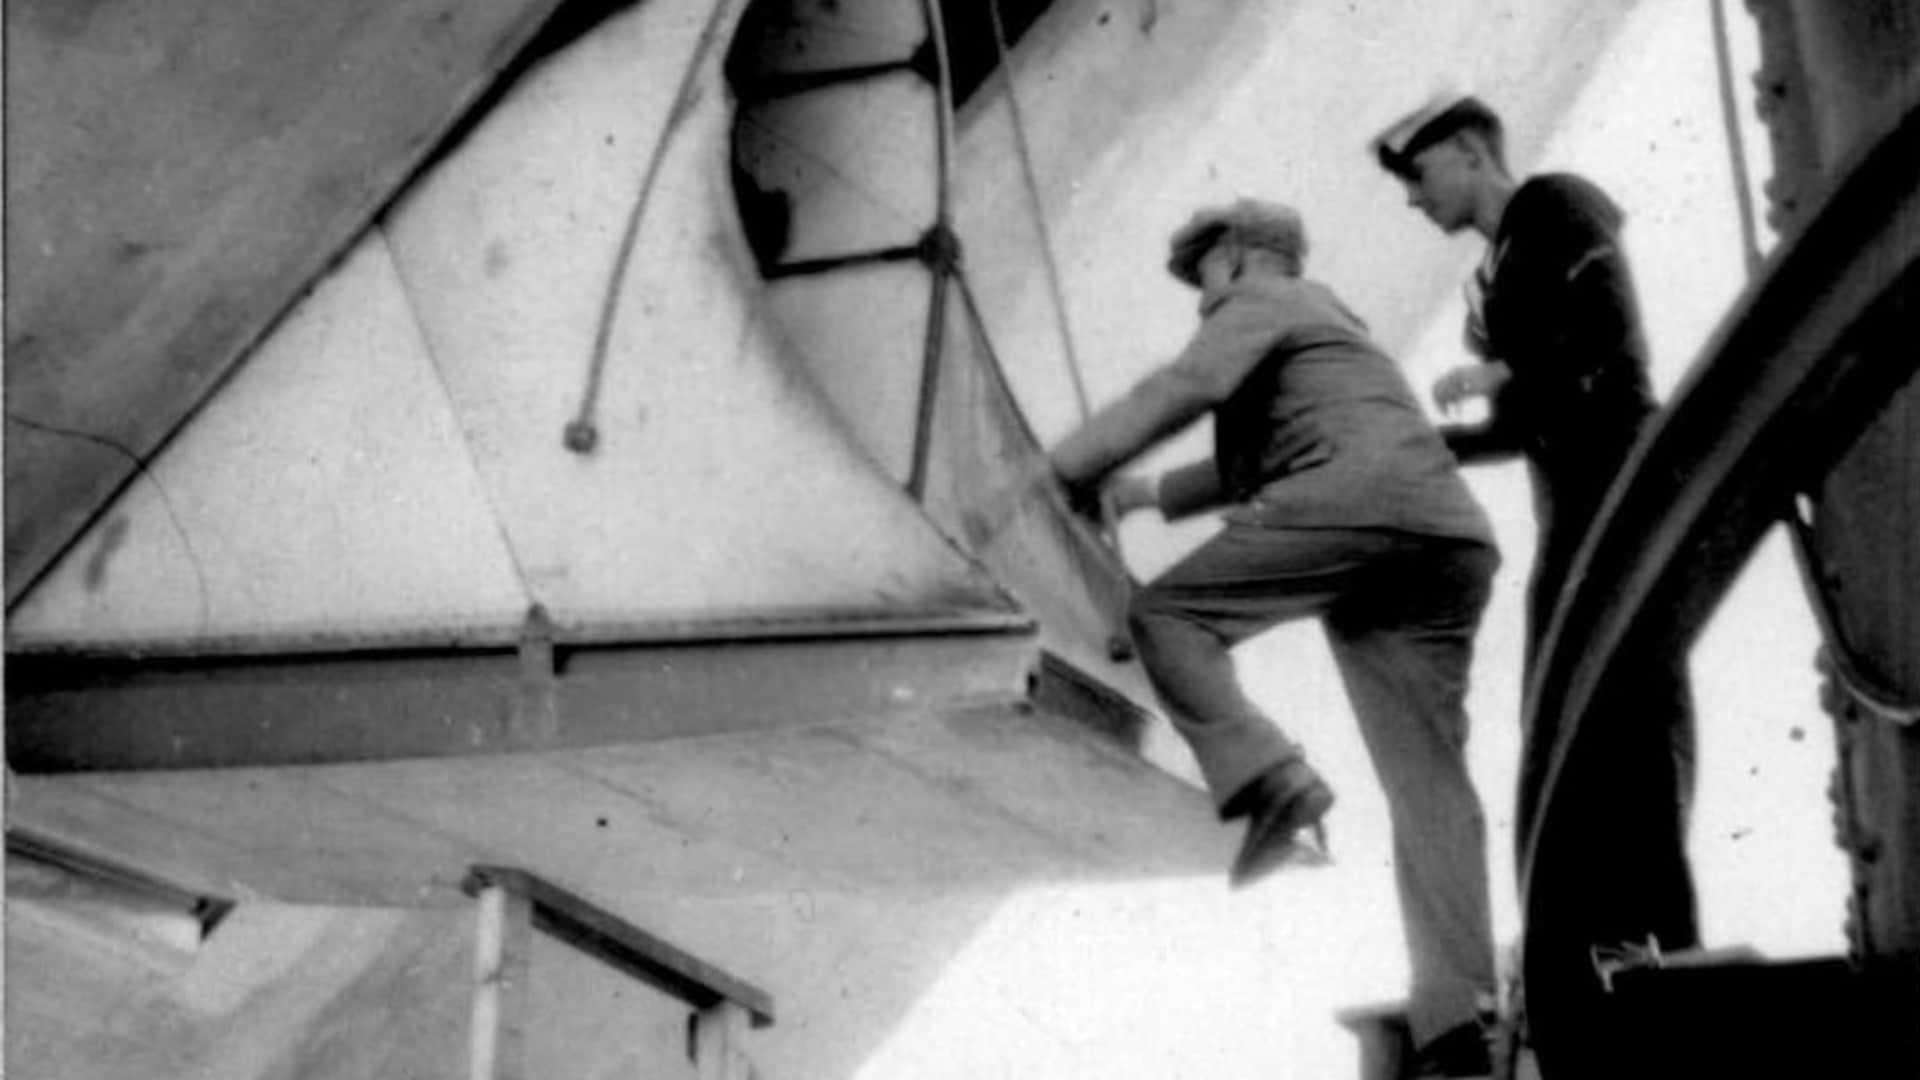 Un homme plutôt petit doit se faire assister d'un membre d'équipage pour entrer dans le dirigeable. Même l'escabeau installé sur la passerelle ne permet pas de combler le vide entre le mât et l'entrée du ballon.